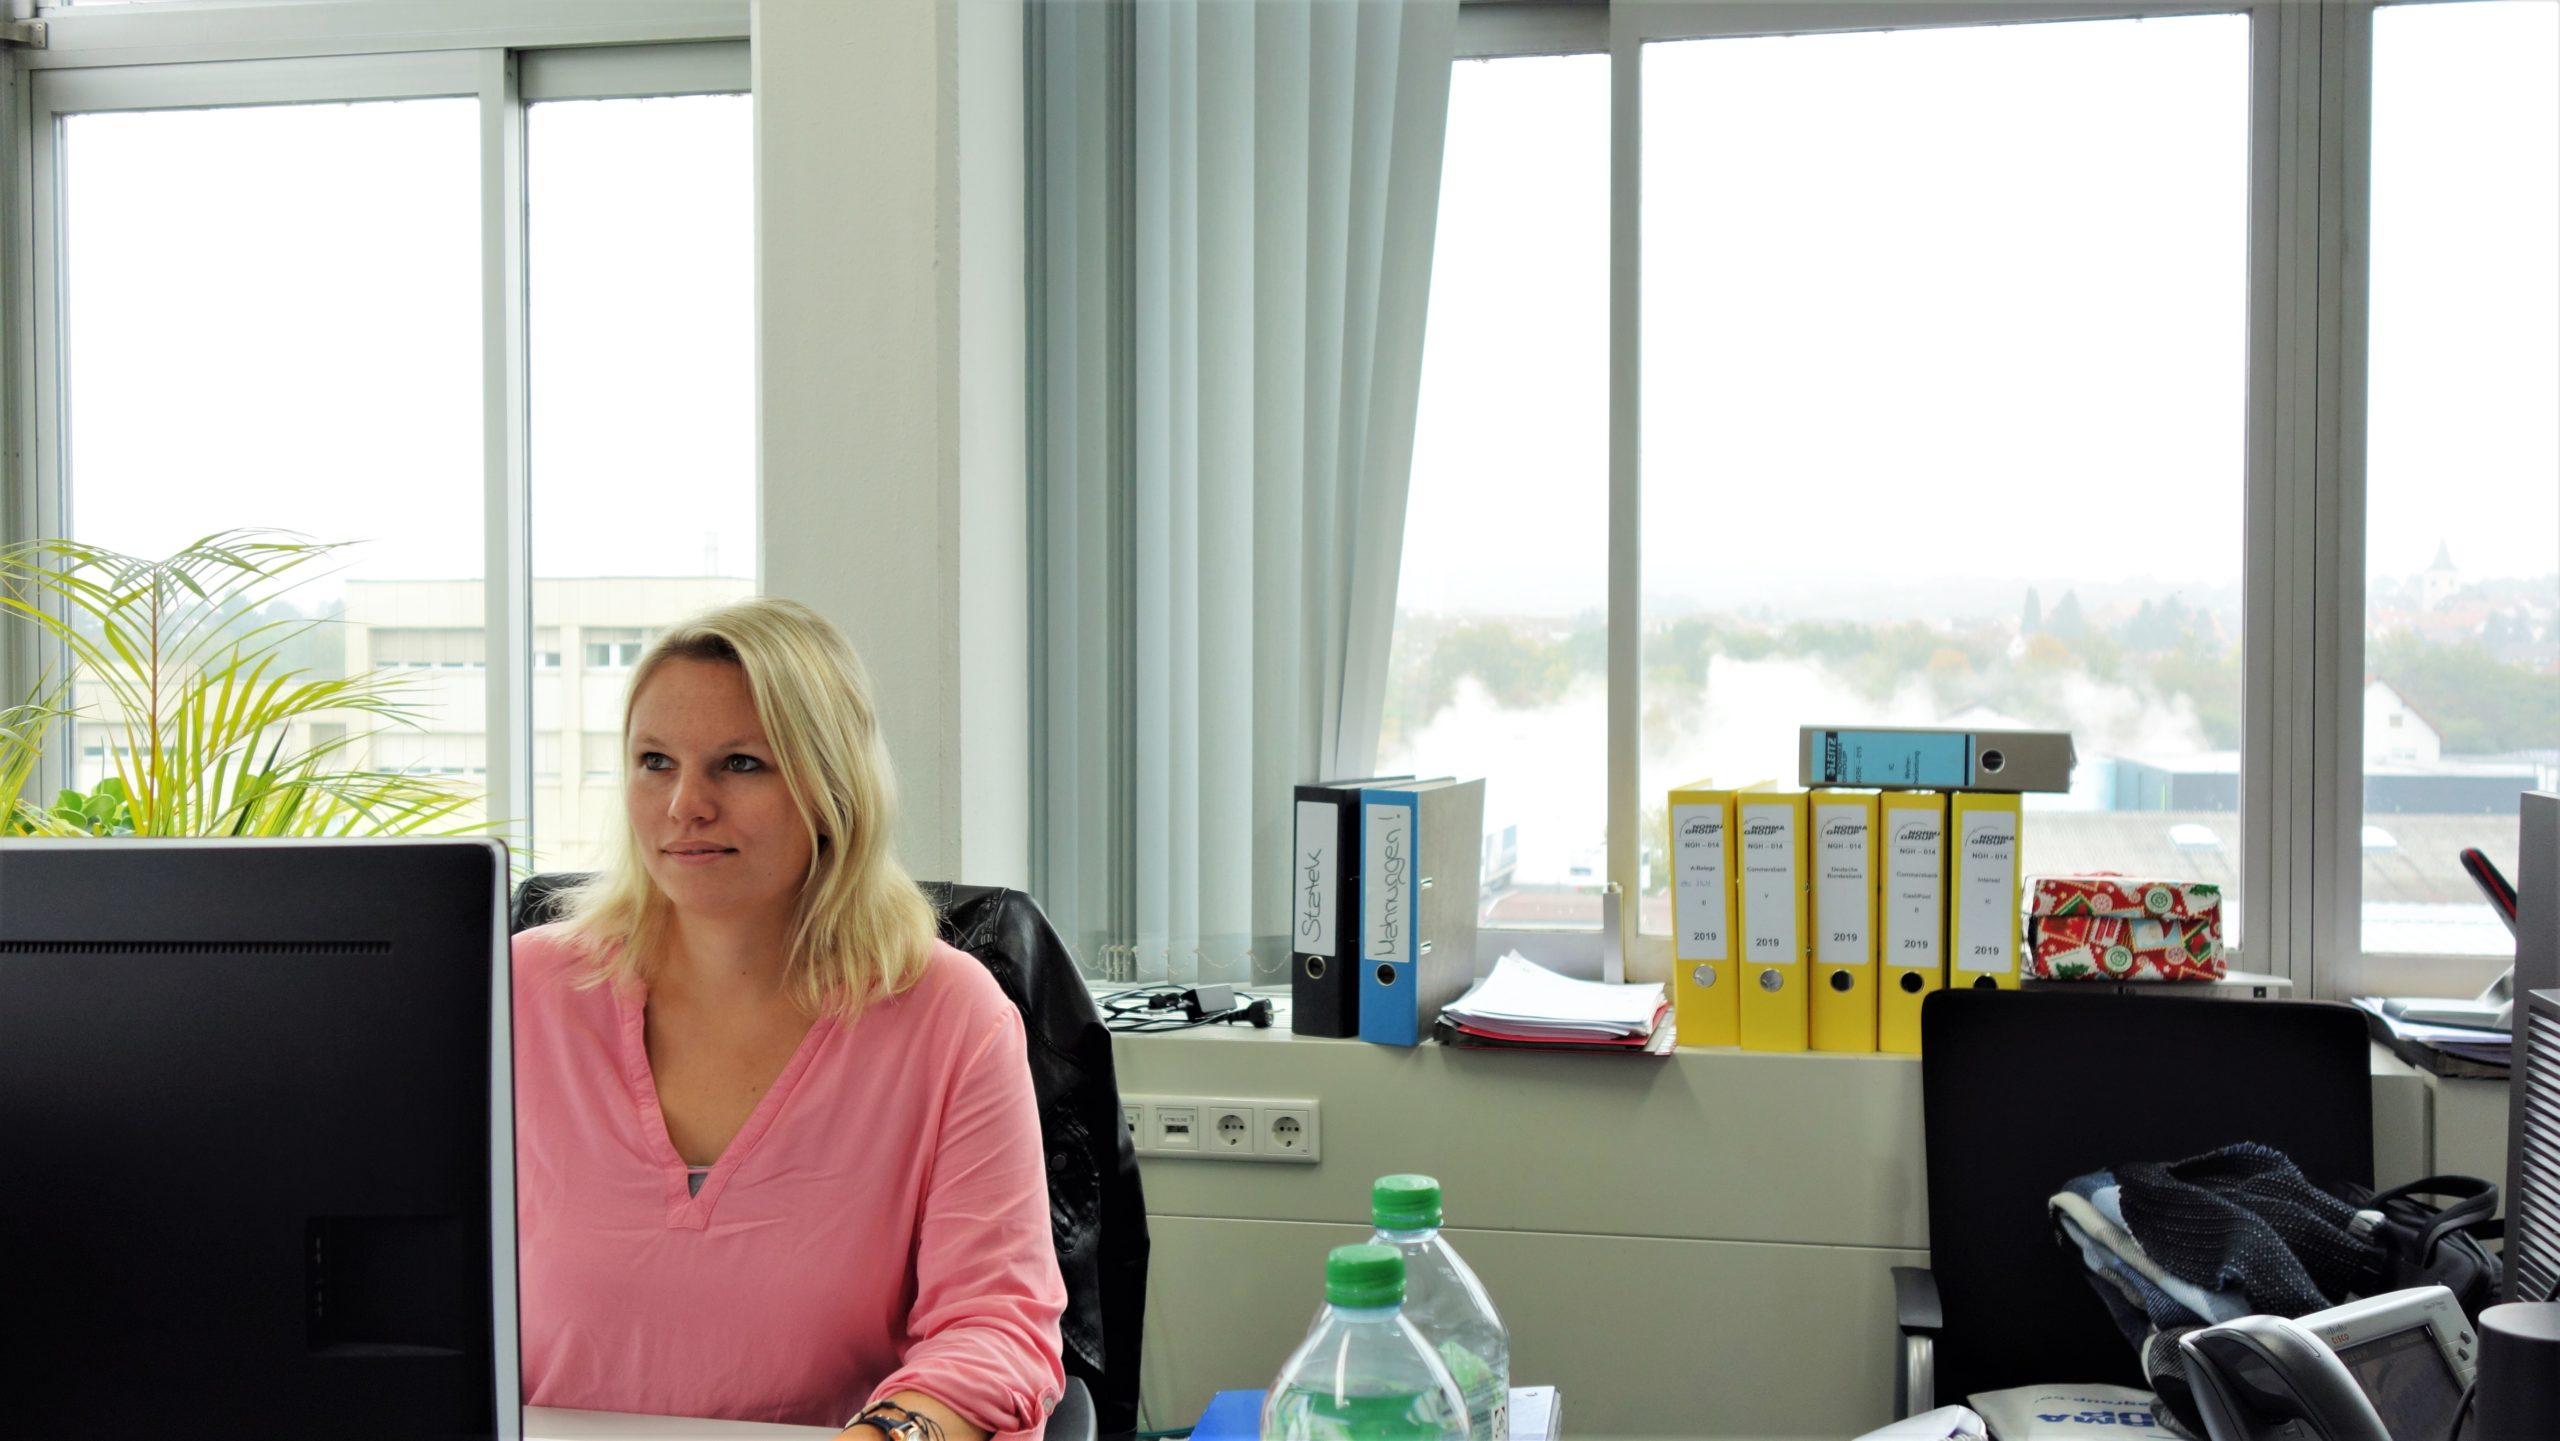 Ricarda at her desk